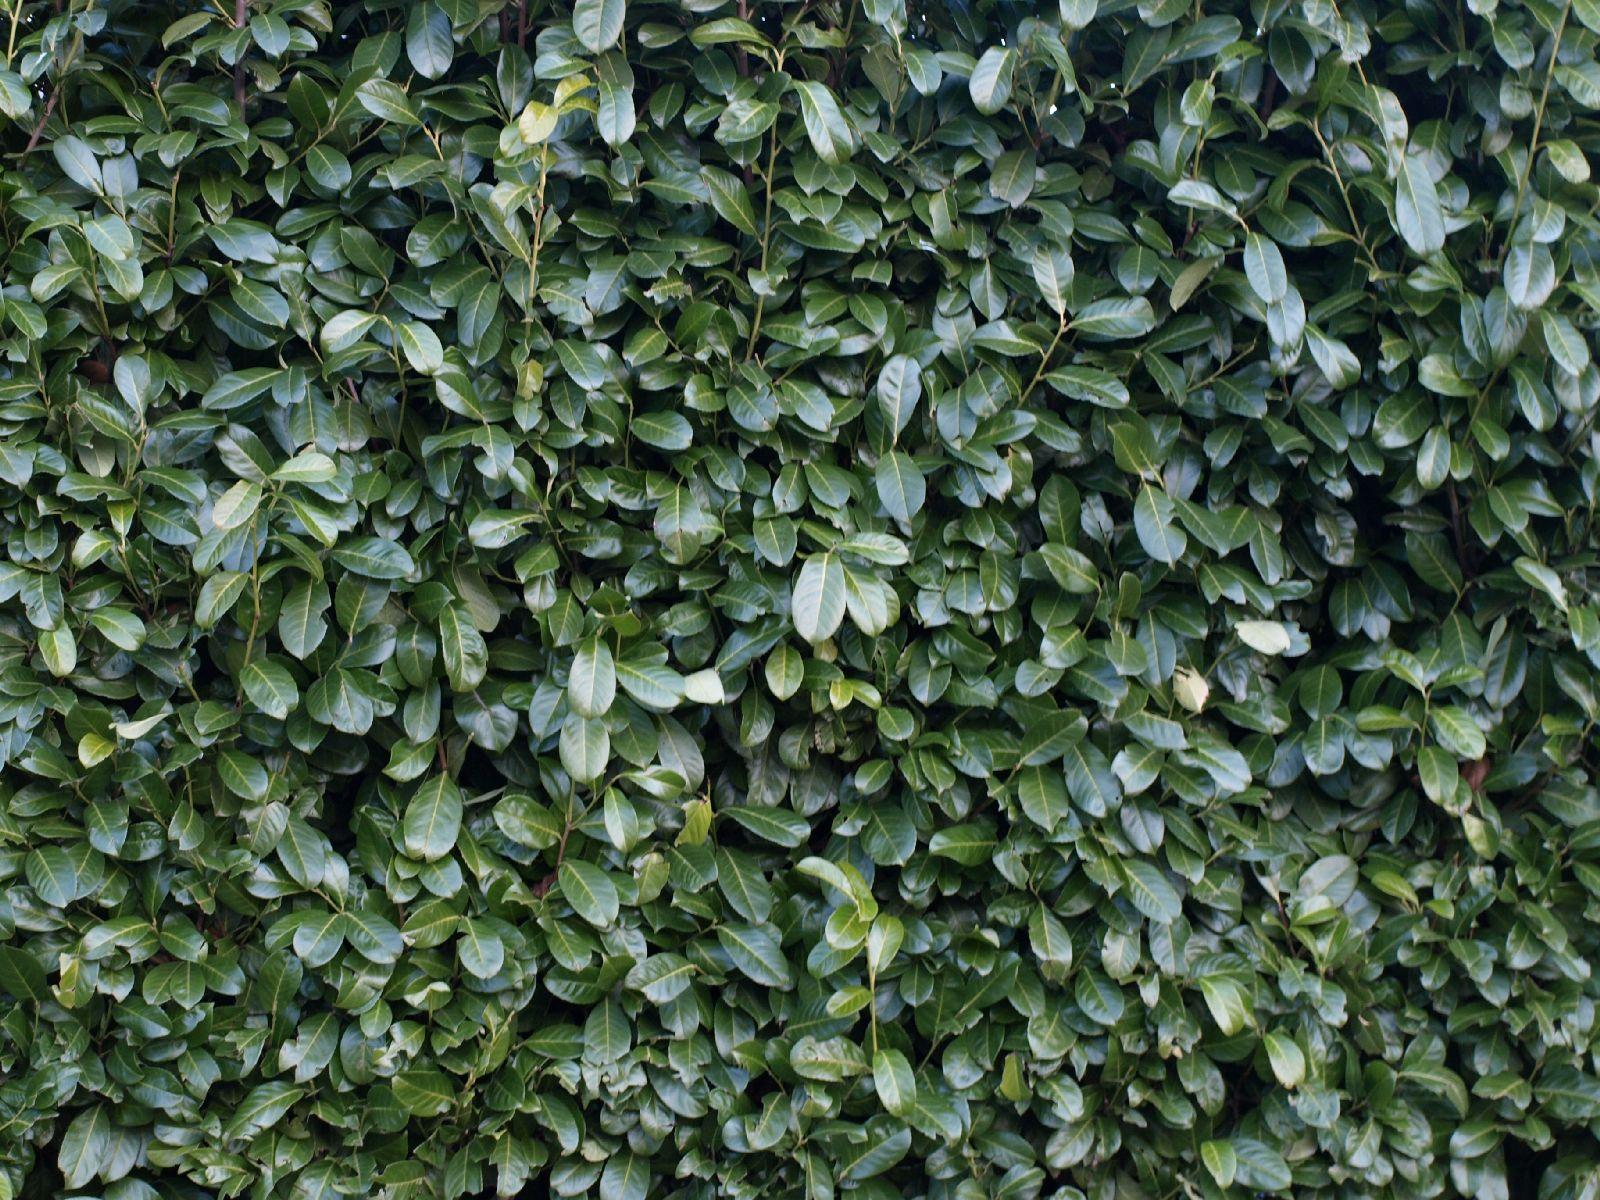 Pflanzen-Hecken-Foto_Textur_B_P1018638